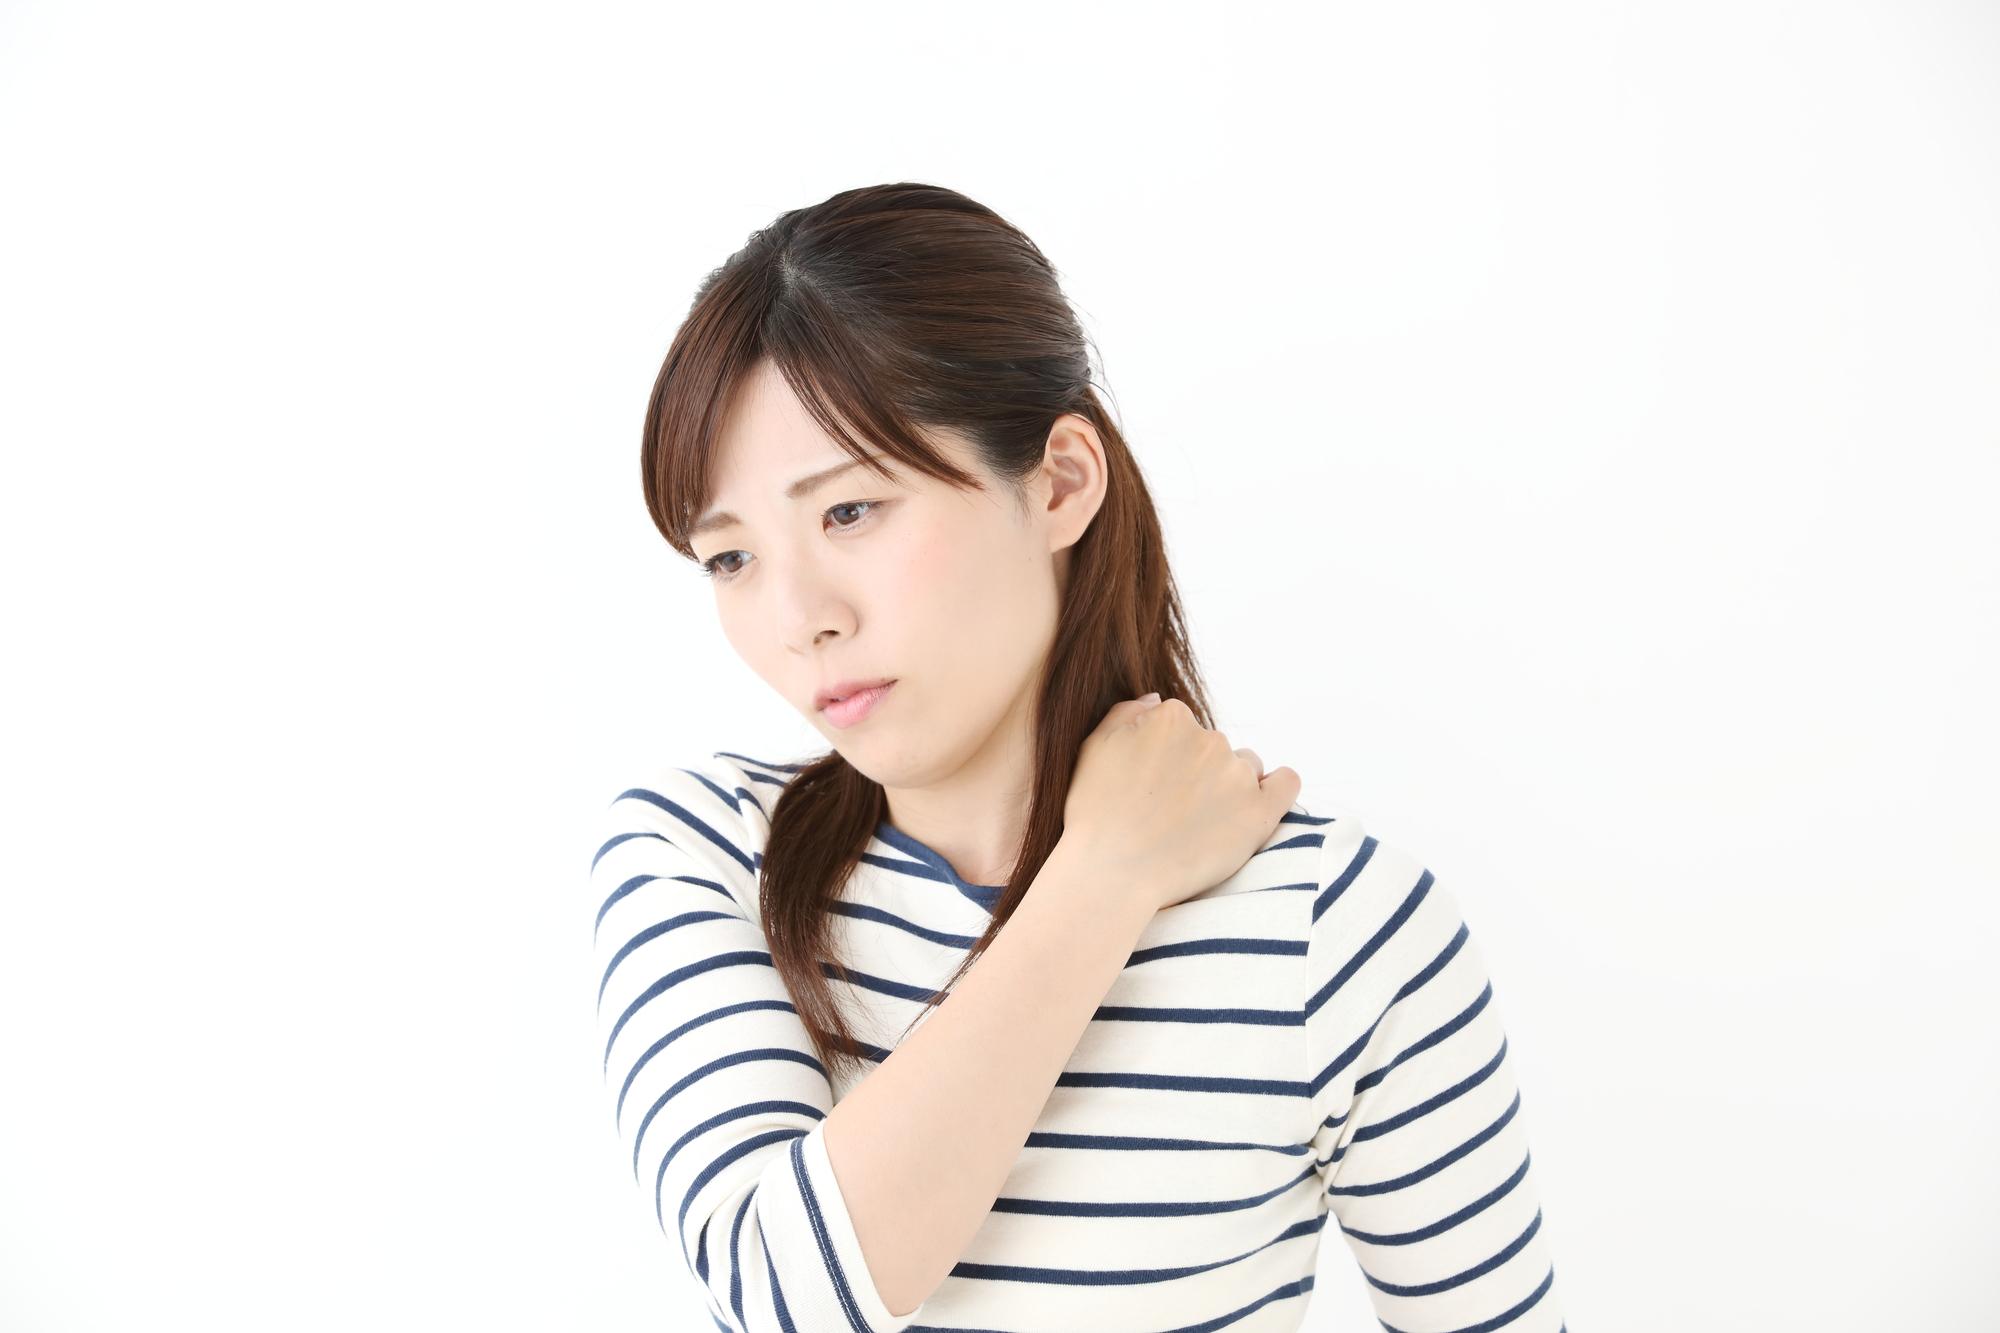 顎関節症の影響